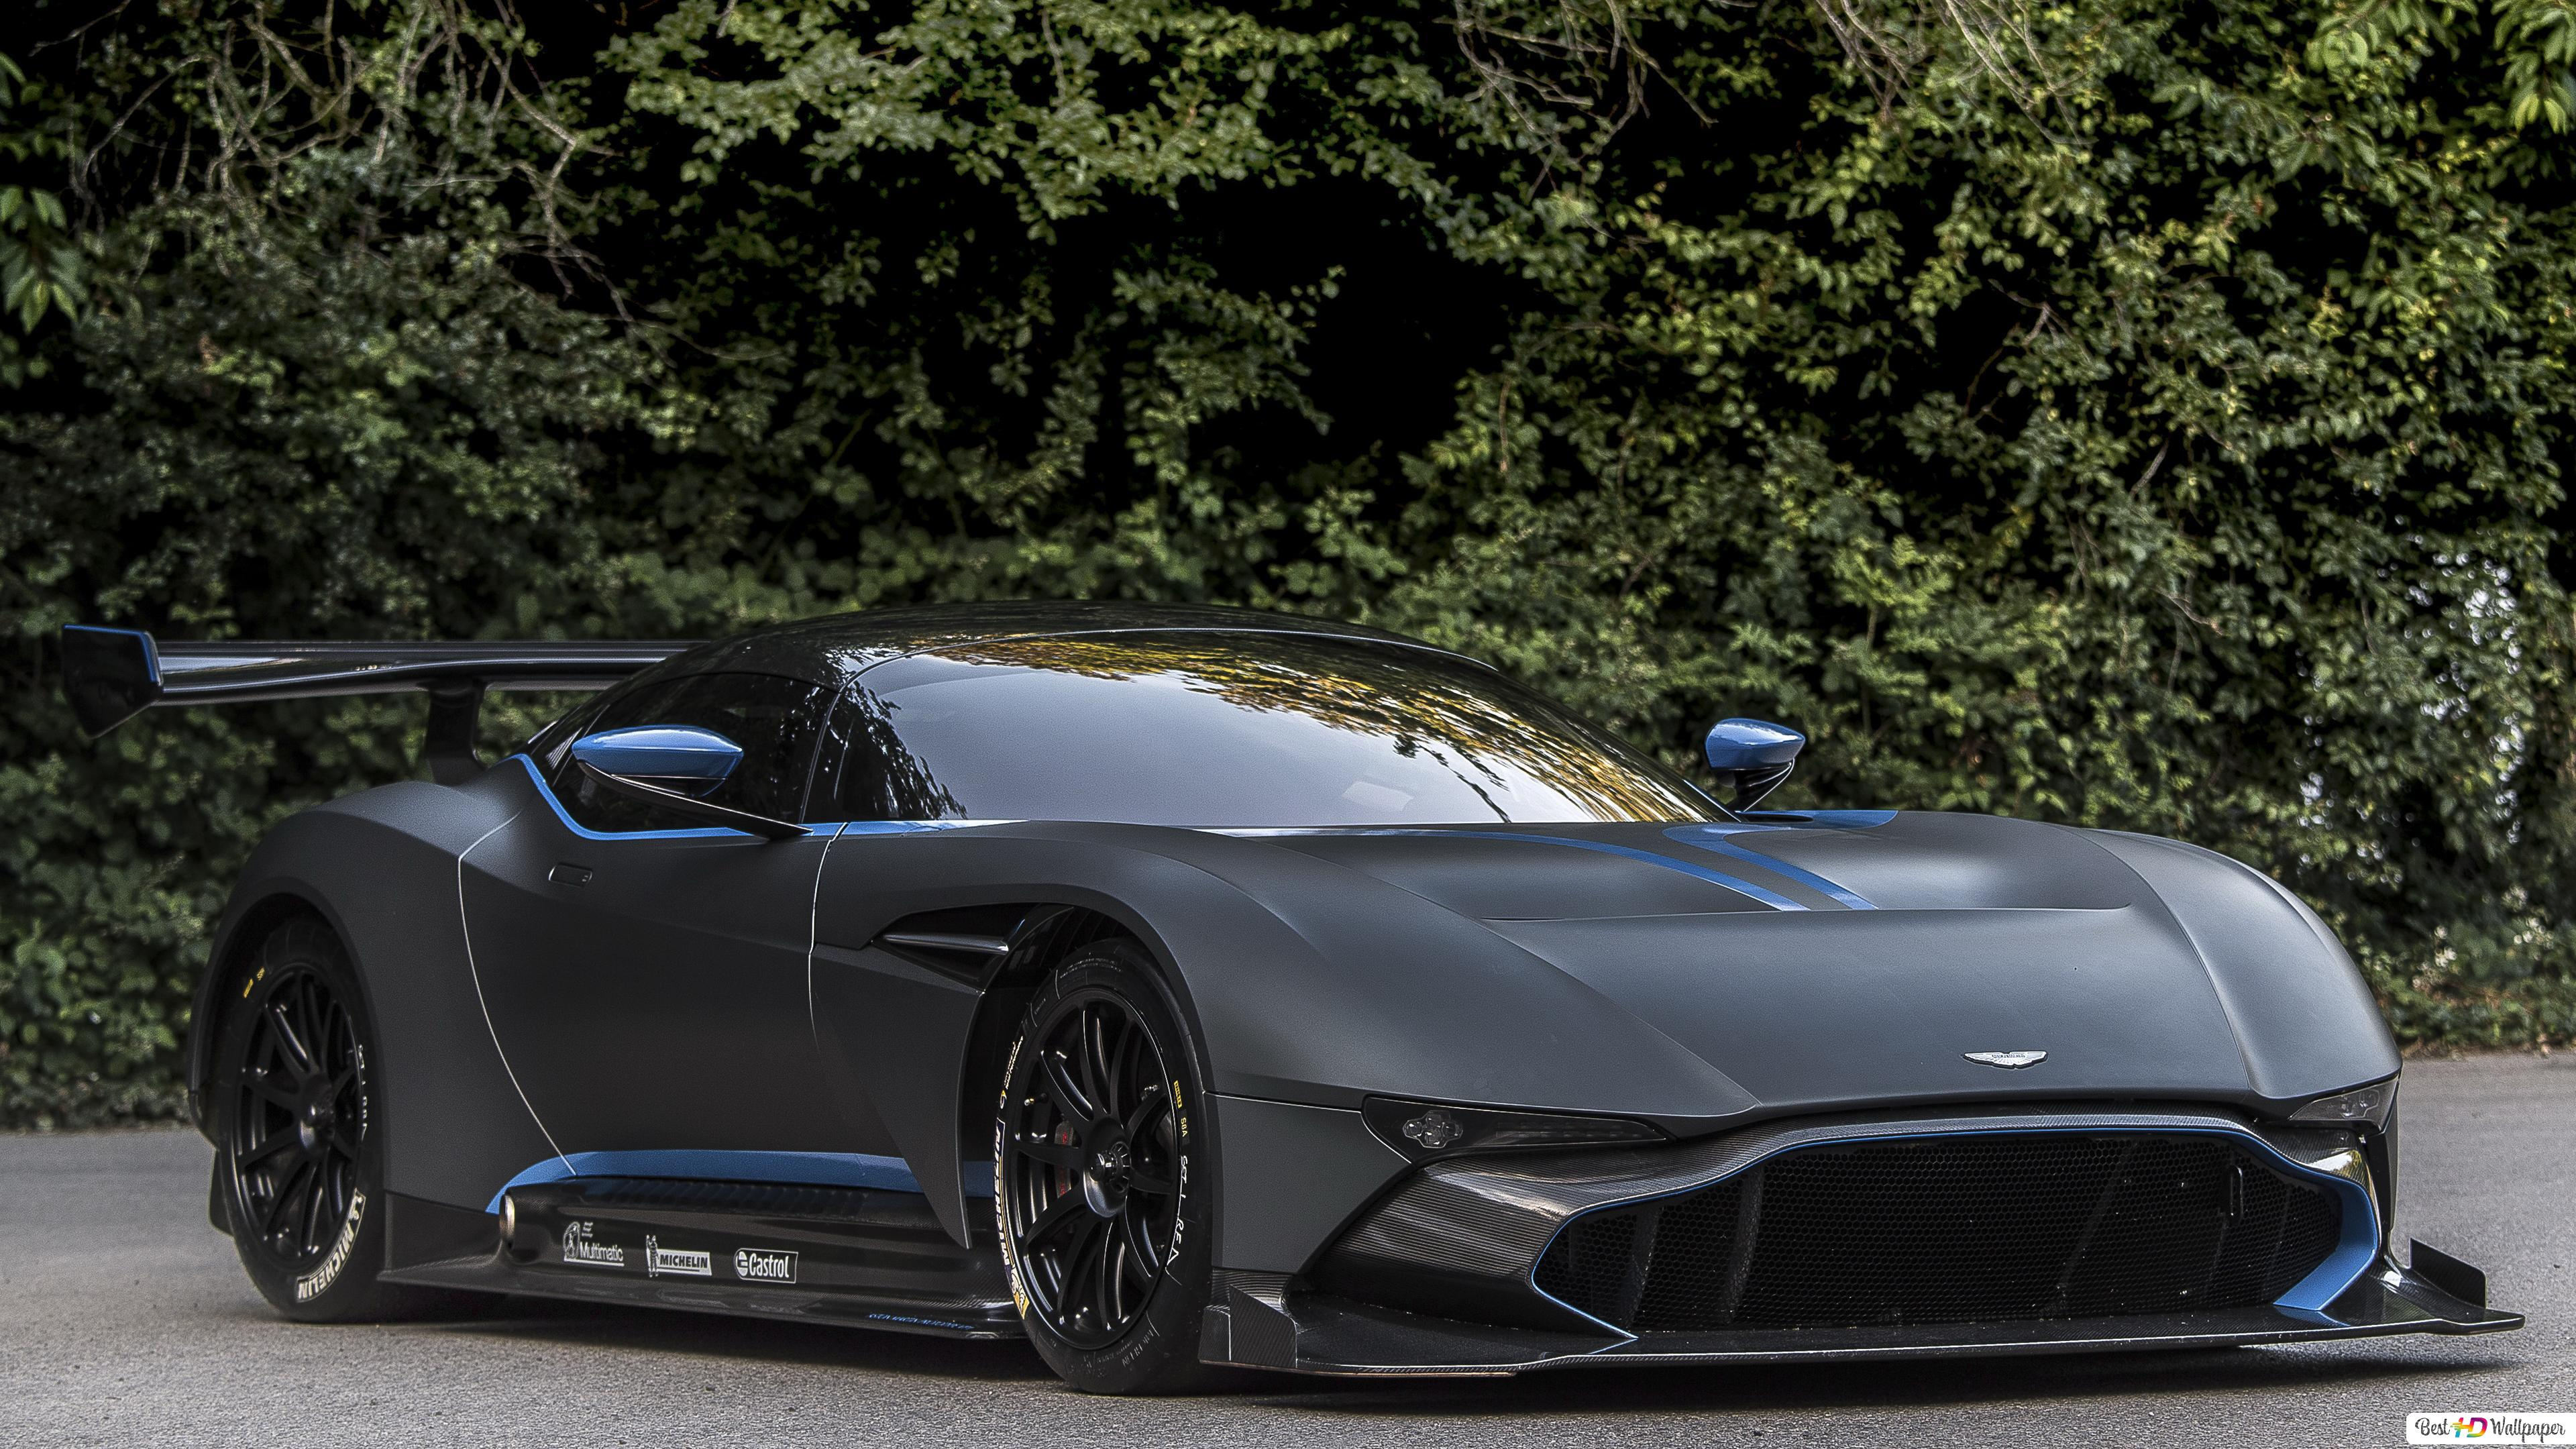 Aston Martin Vulcan Hd Hintergrundbilder Herunterladen